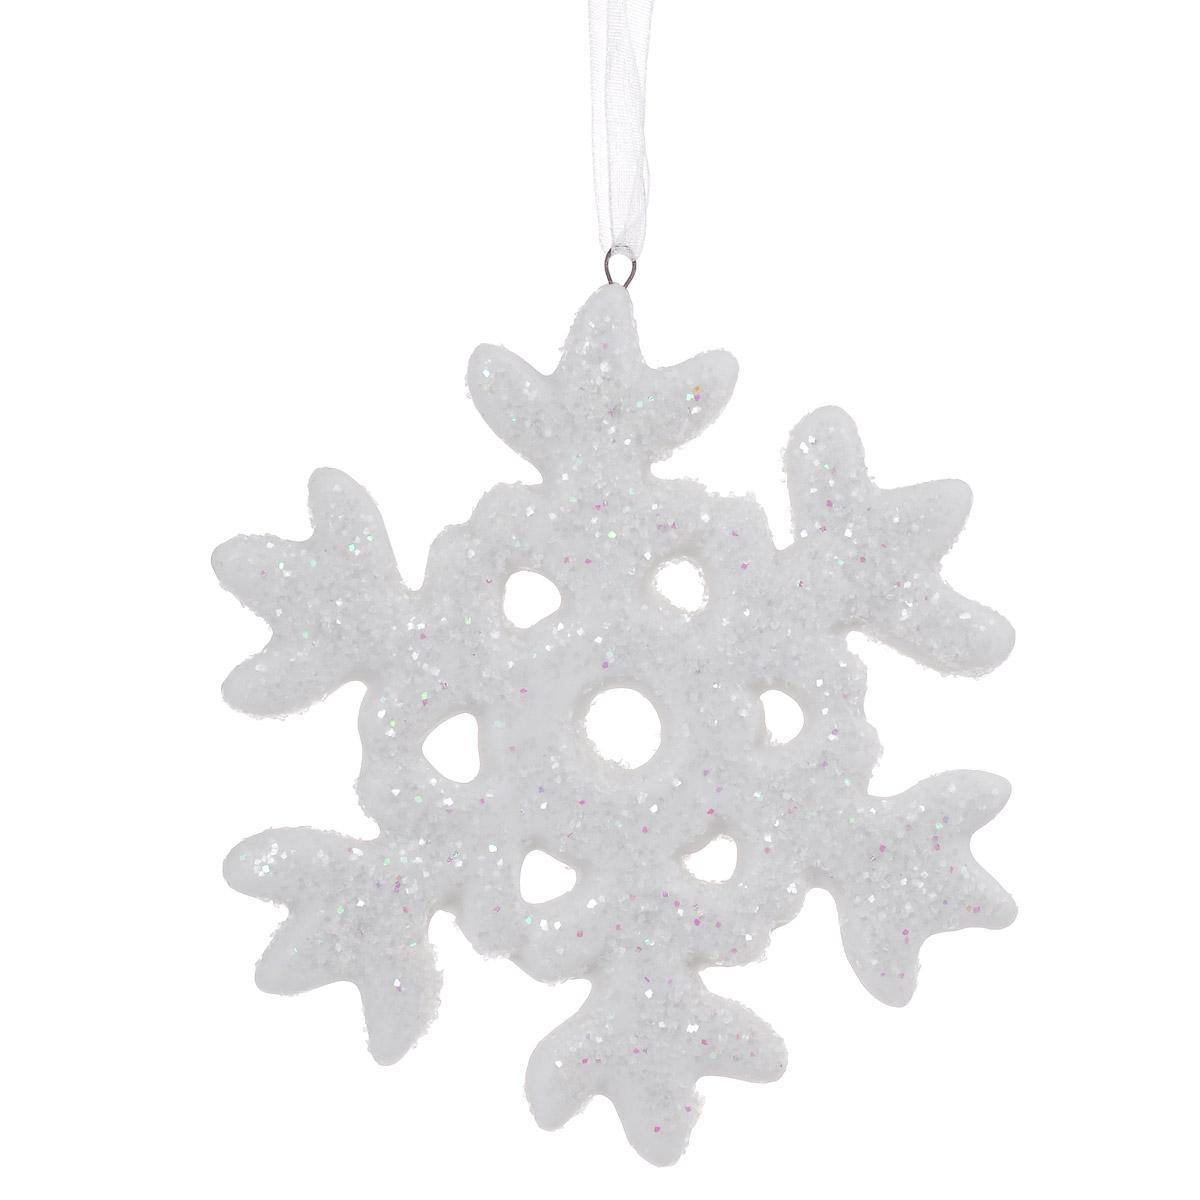 Новогоднее подвесное украшение Снежинка. 3107831078Новогоднее подвесное украшение, выполненное из керамики в виде снежинки, прекрасно подойдет для праздничного декора дома и новогодней ели. Украшение декорировано блестками. С помощью специальной петельки его можно повесить в любом понравившемся вам месте. Но, конечно, удачнее всего такая игрушка будет смотреться на праздничной елке. Елочная игрушка - символ Нового года и Рождества. Она несет в себе волшебство и красоту праздника. Создайте в своем доме атмосферу веселья и радости, украшая новогоднюю елку нарядными игрушками, которые будут из года в год накапливать теплоту воспоминаний.